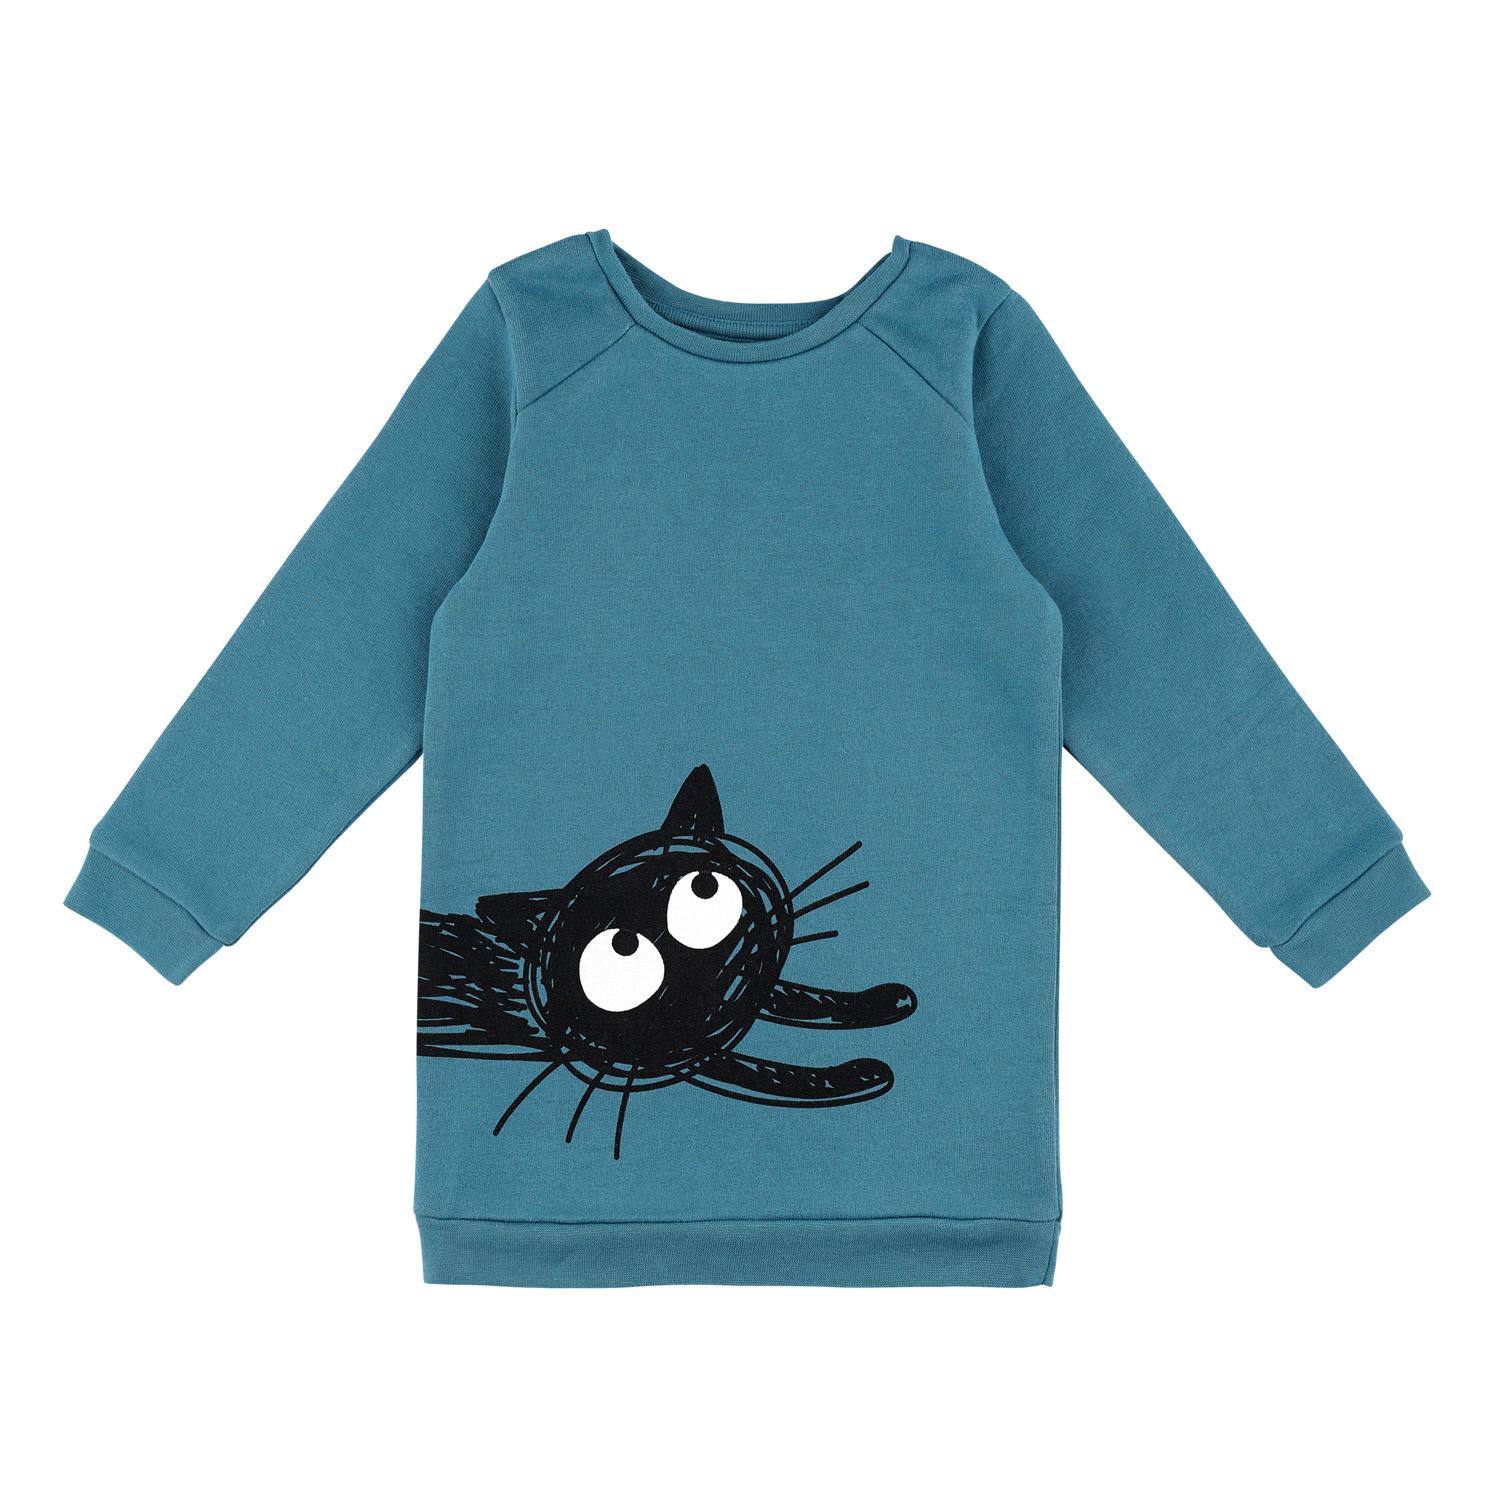 2018 - Köp barnskor   ekologiska barnkläder hos Wildasmå.se fd6bf5bfce792